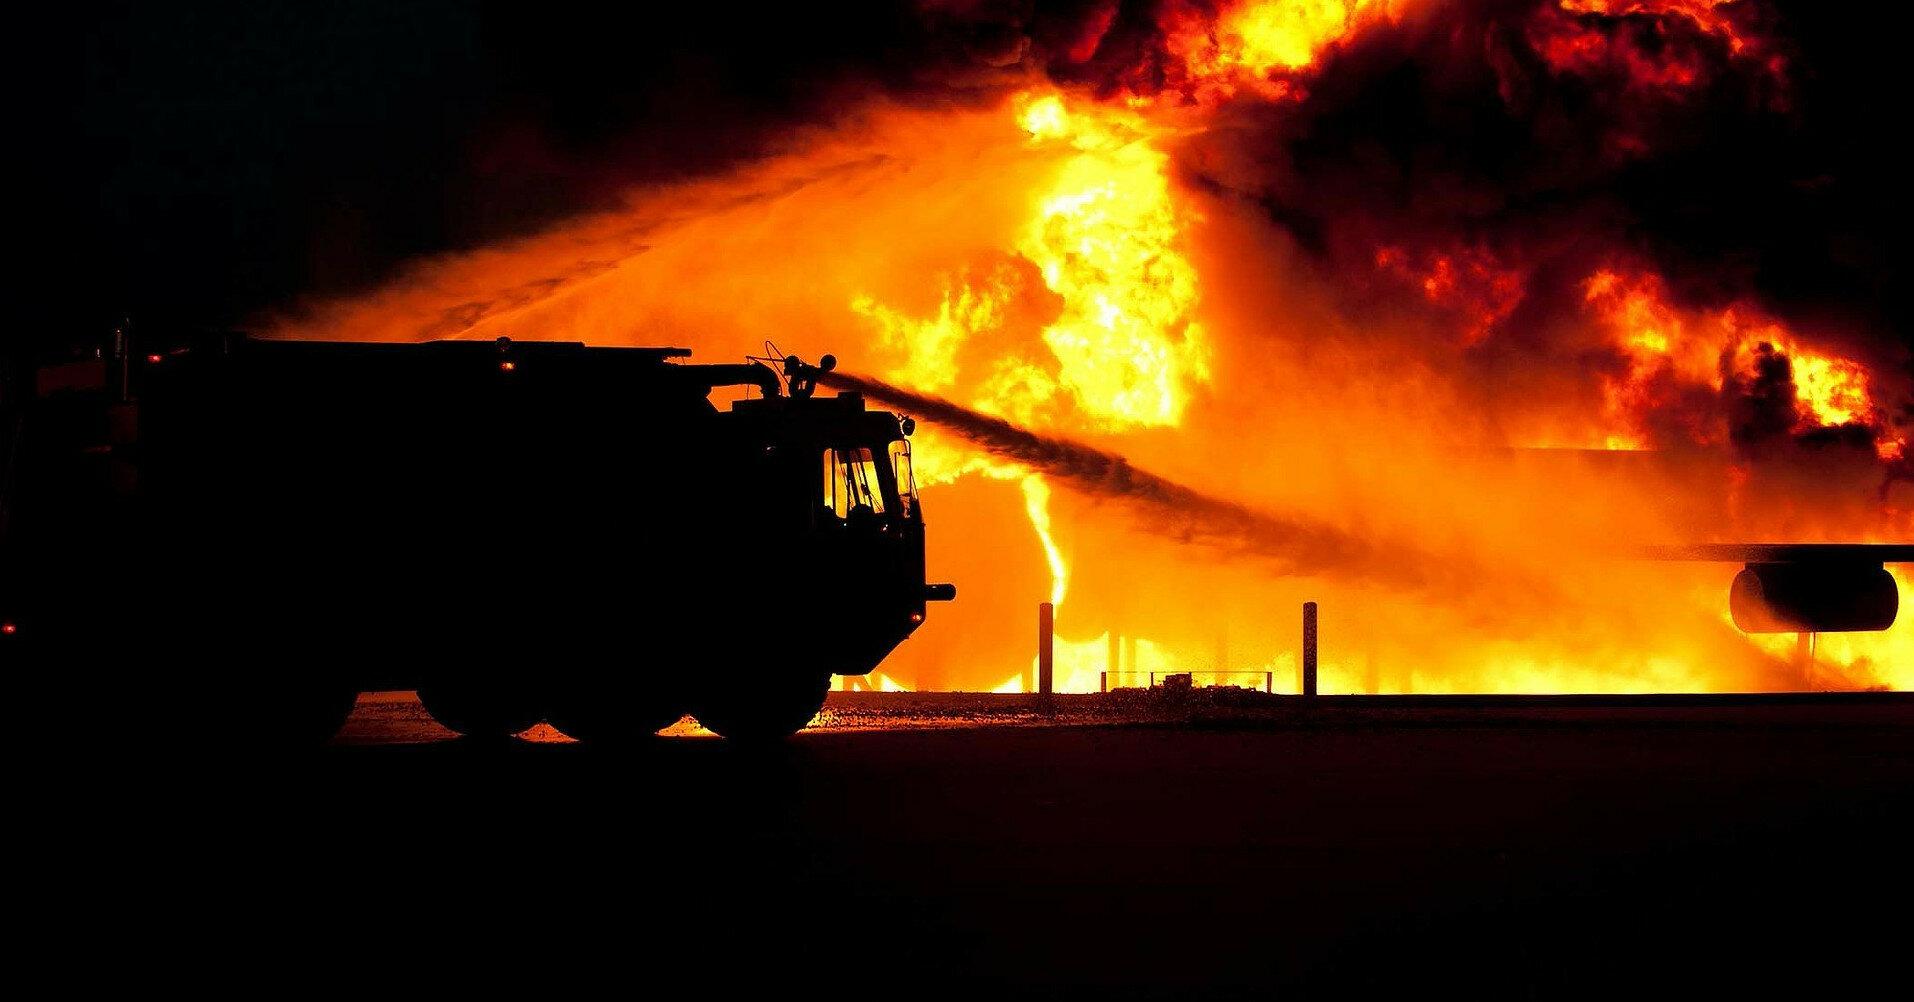 В Донецкой области произошел пожар на коксохимическом заводе